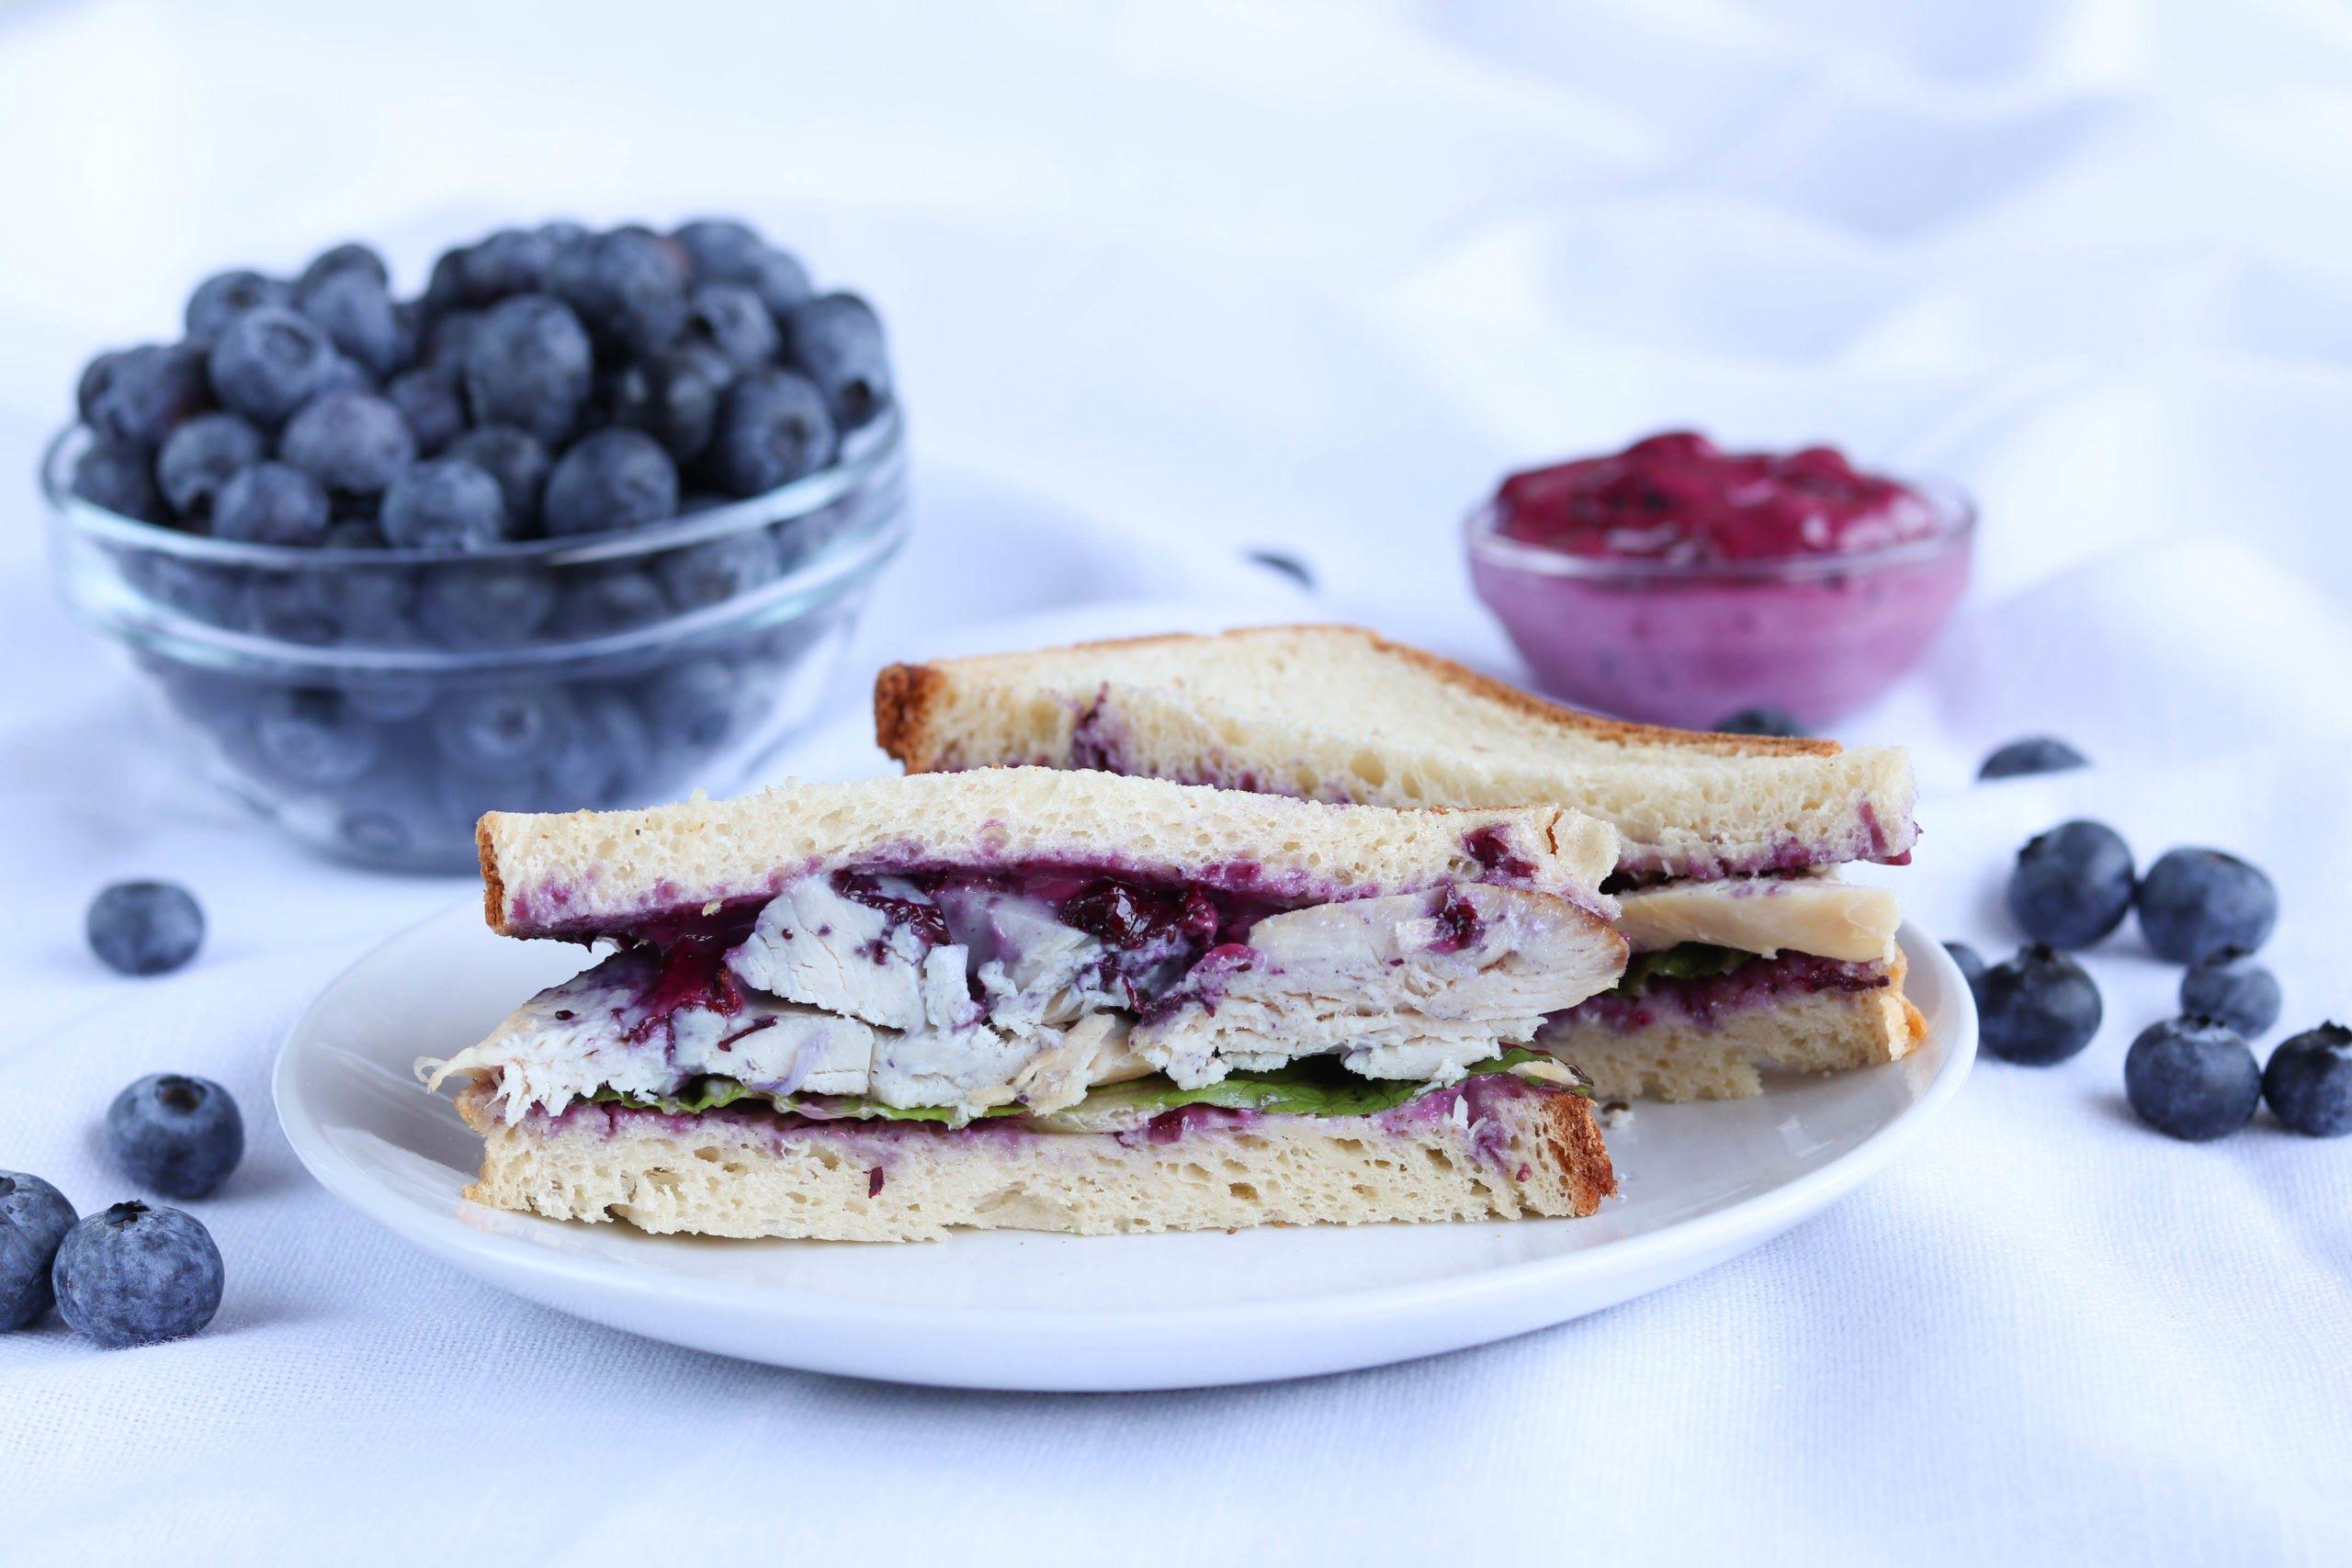 Turkey Sandwich with Blueberry Mayo